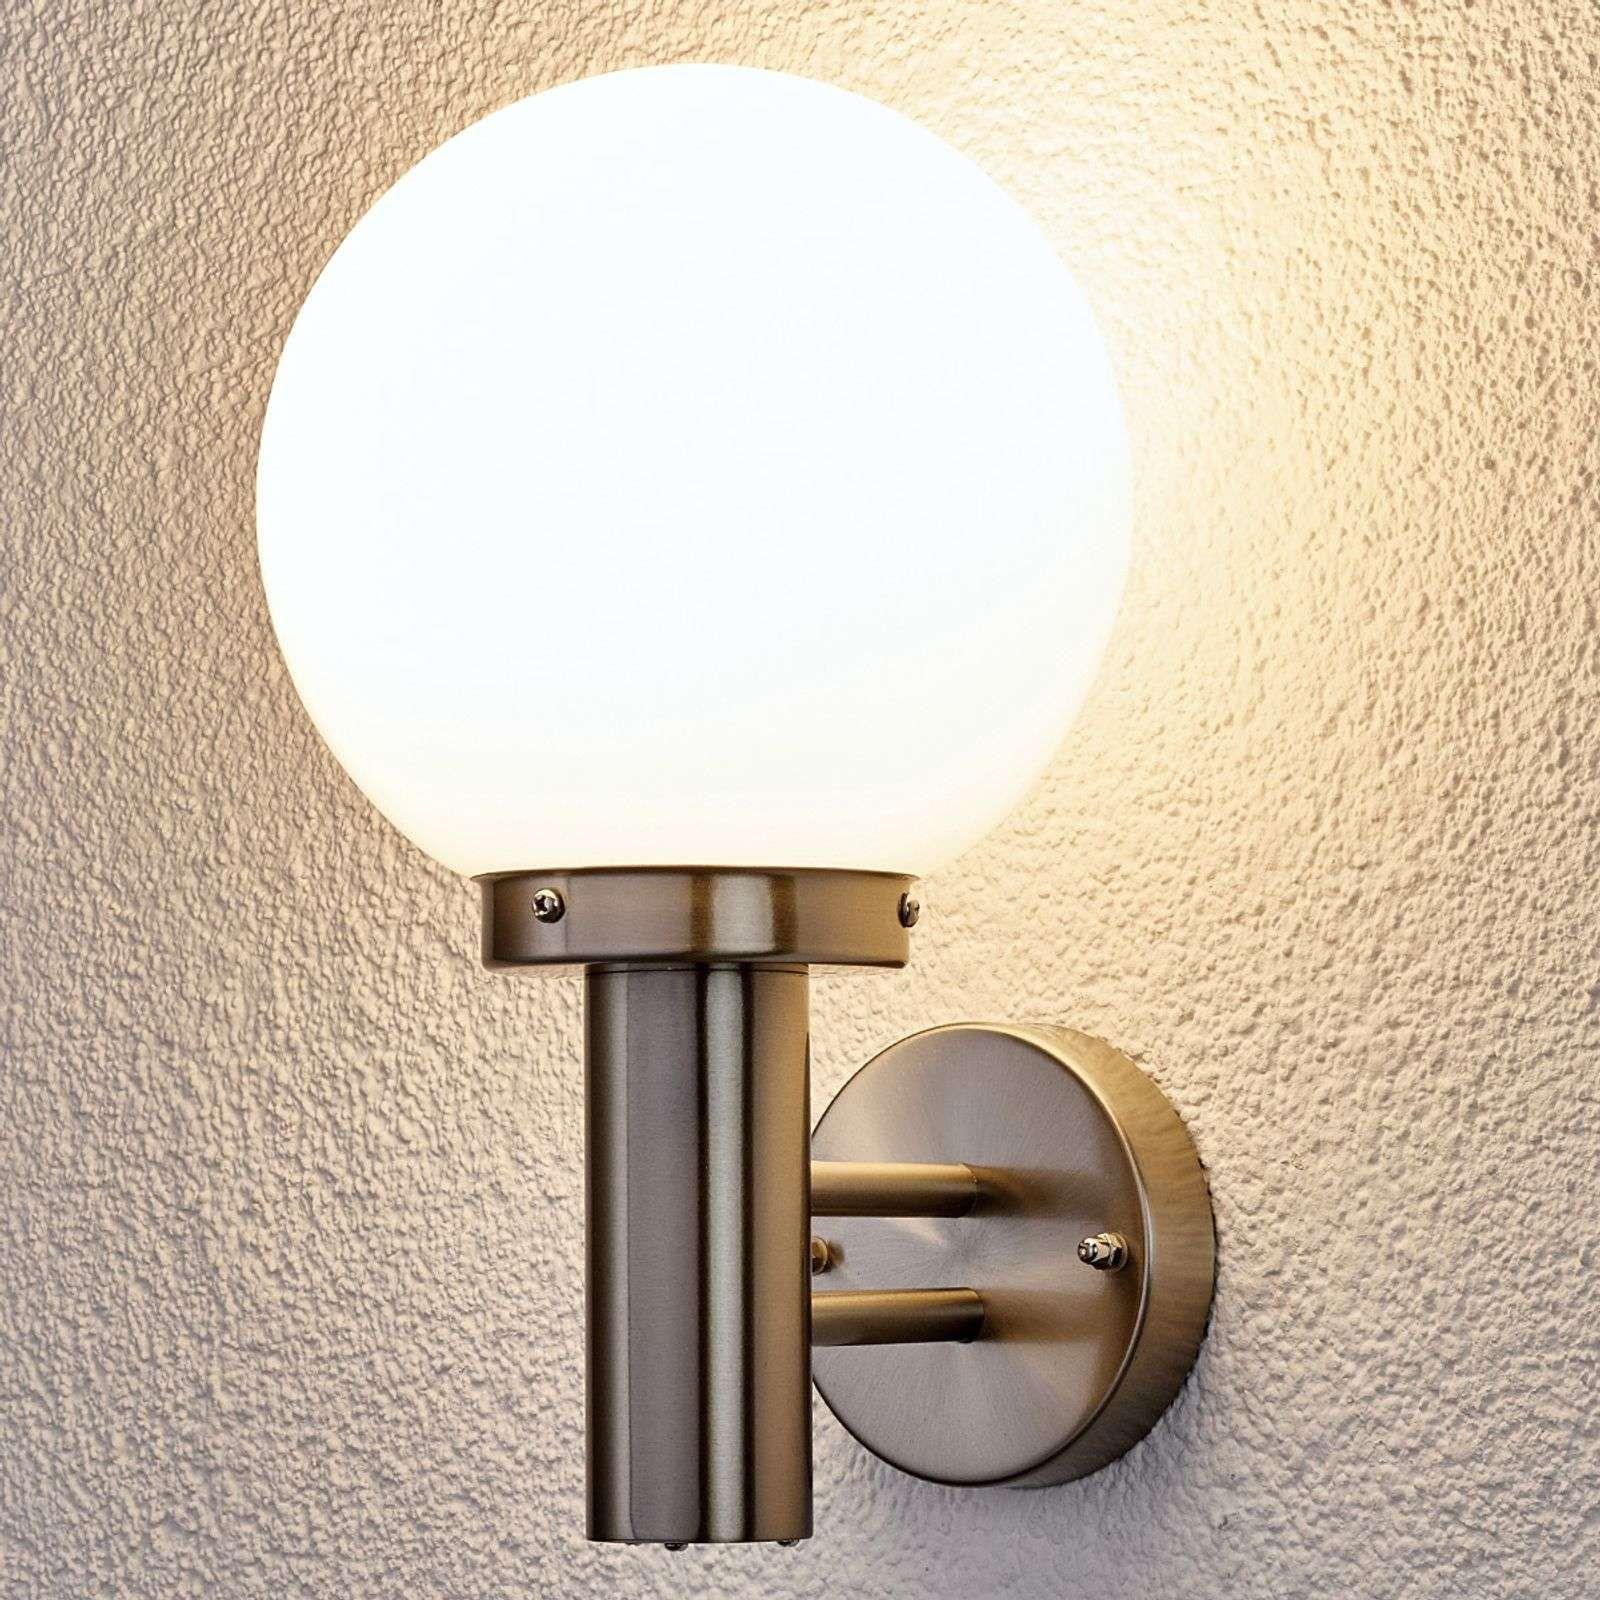 Applique D Exterieur Nada En Inox En 2020 Eclairage Mural Lampe D Exterieur Mur Exterieur